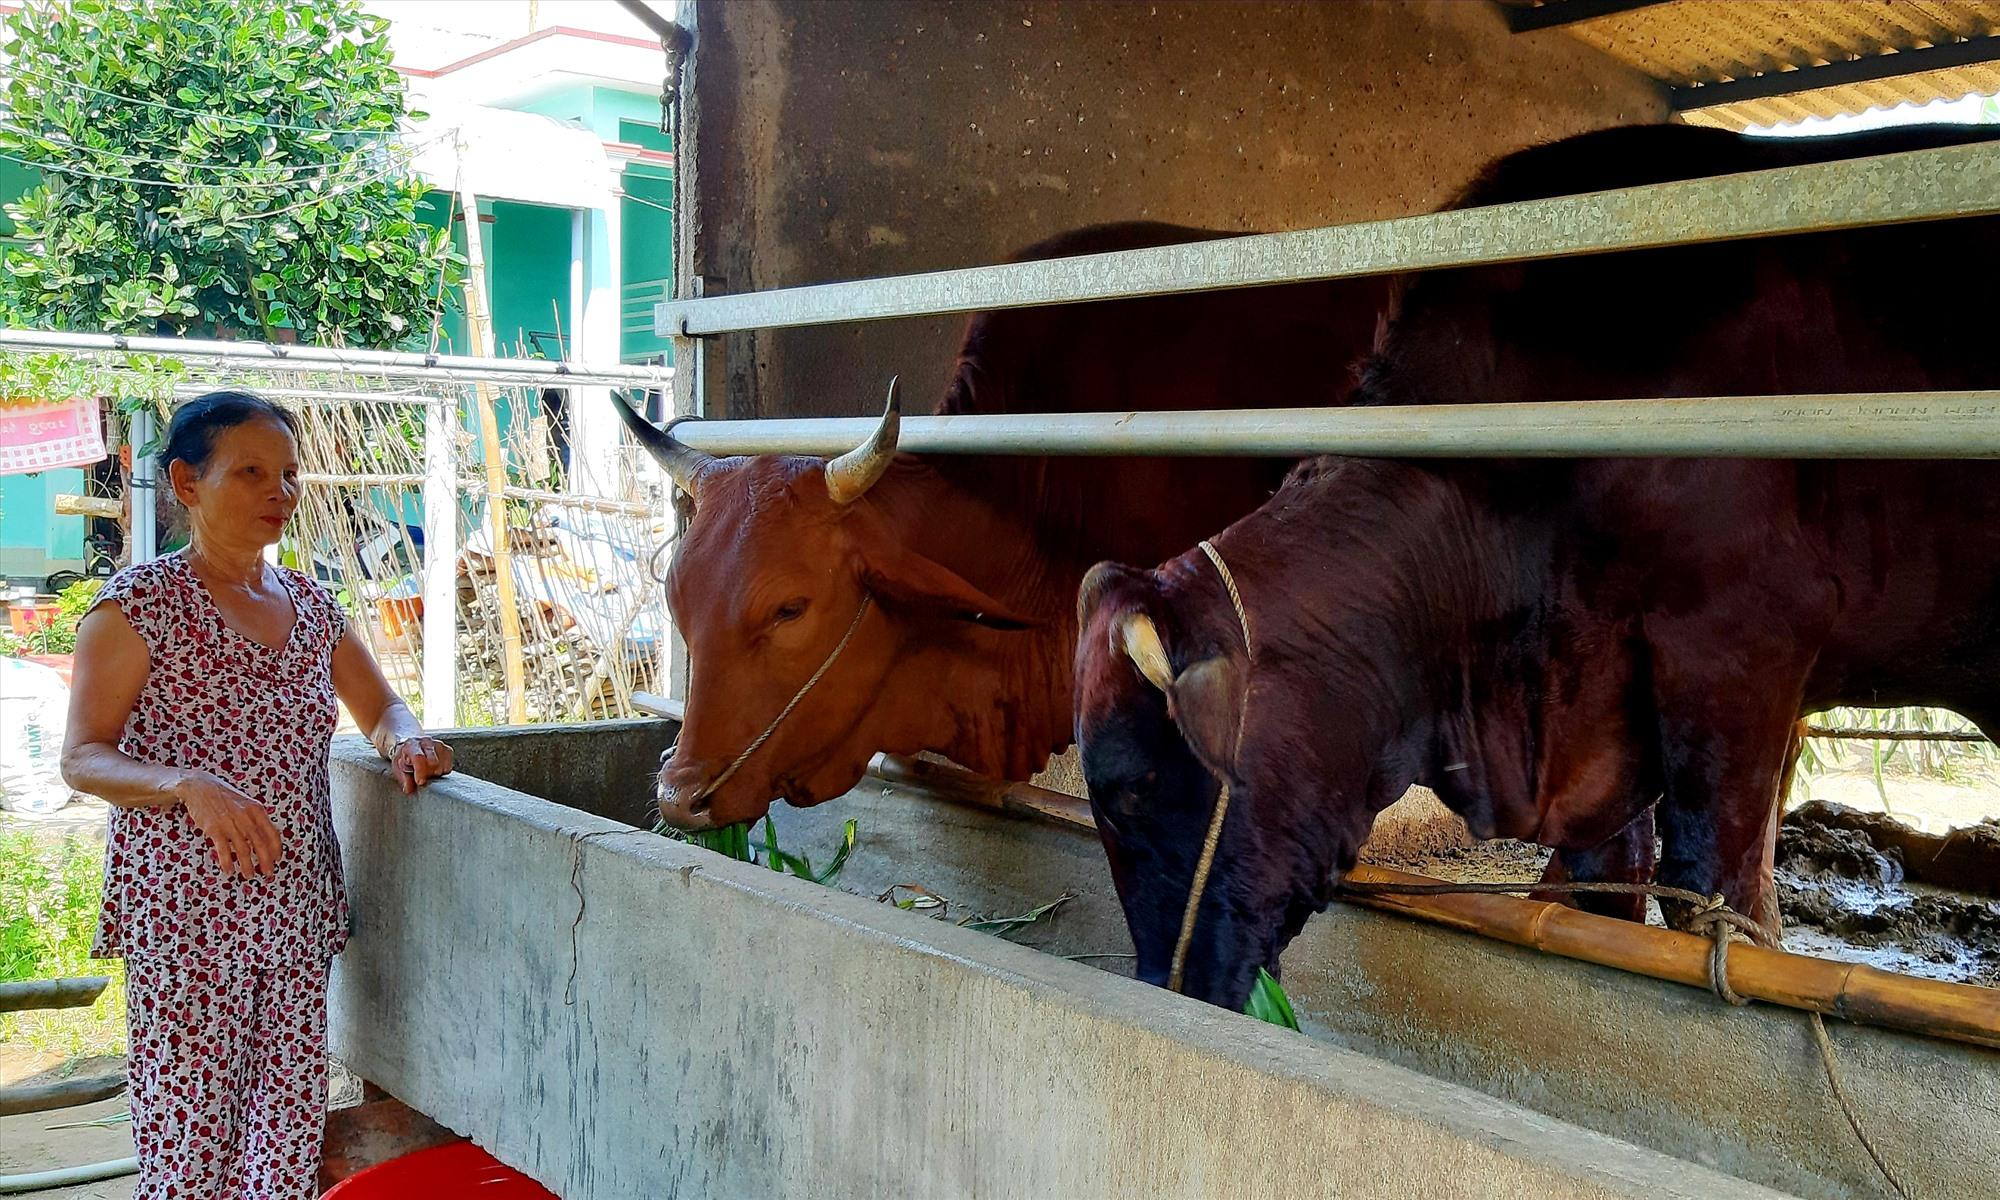 Trước tình trạng dịch LMLM lây lan mạnh, nhiều hộ chăn nuôi trên địa bàn tỉnh nhốt gia súc tại chuồng để ngăn ngừa vi rút gây bệnh xâm nhiễm.